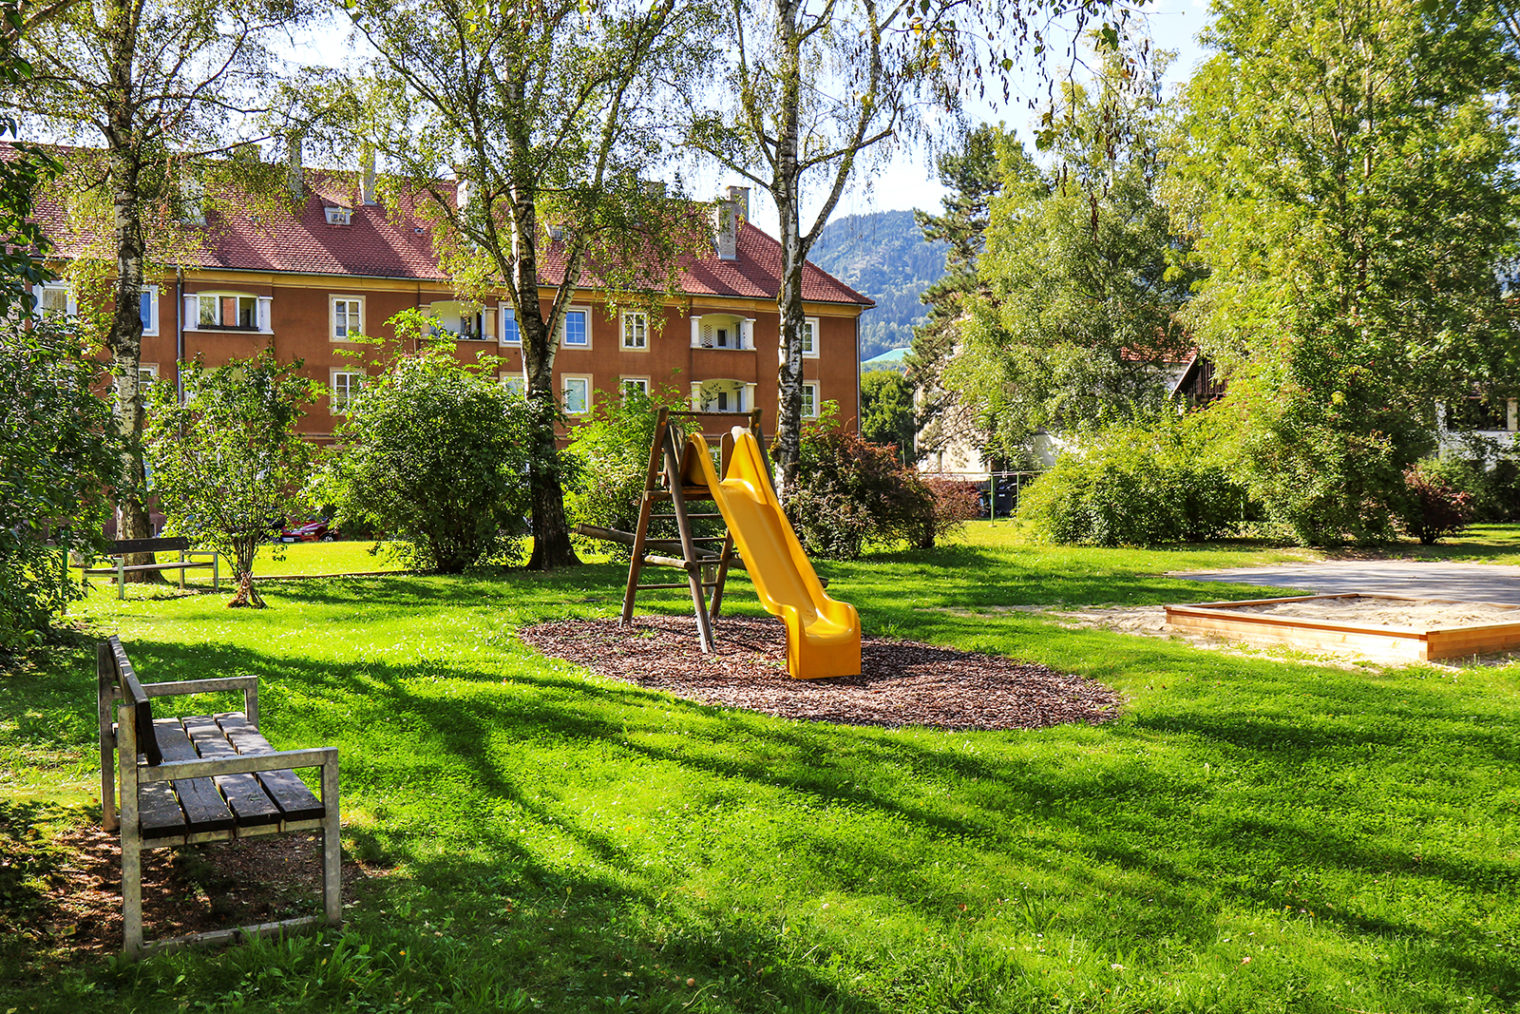 Spielgeräte am Spielplatz Südtiroler Hof